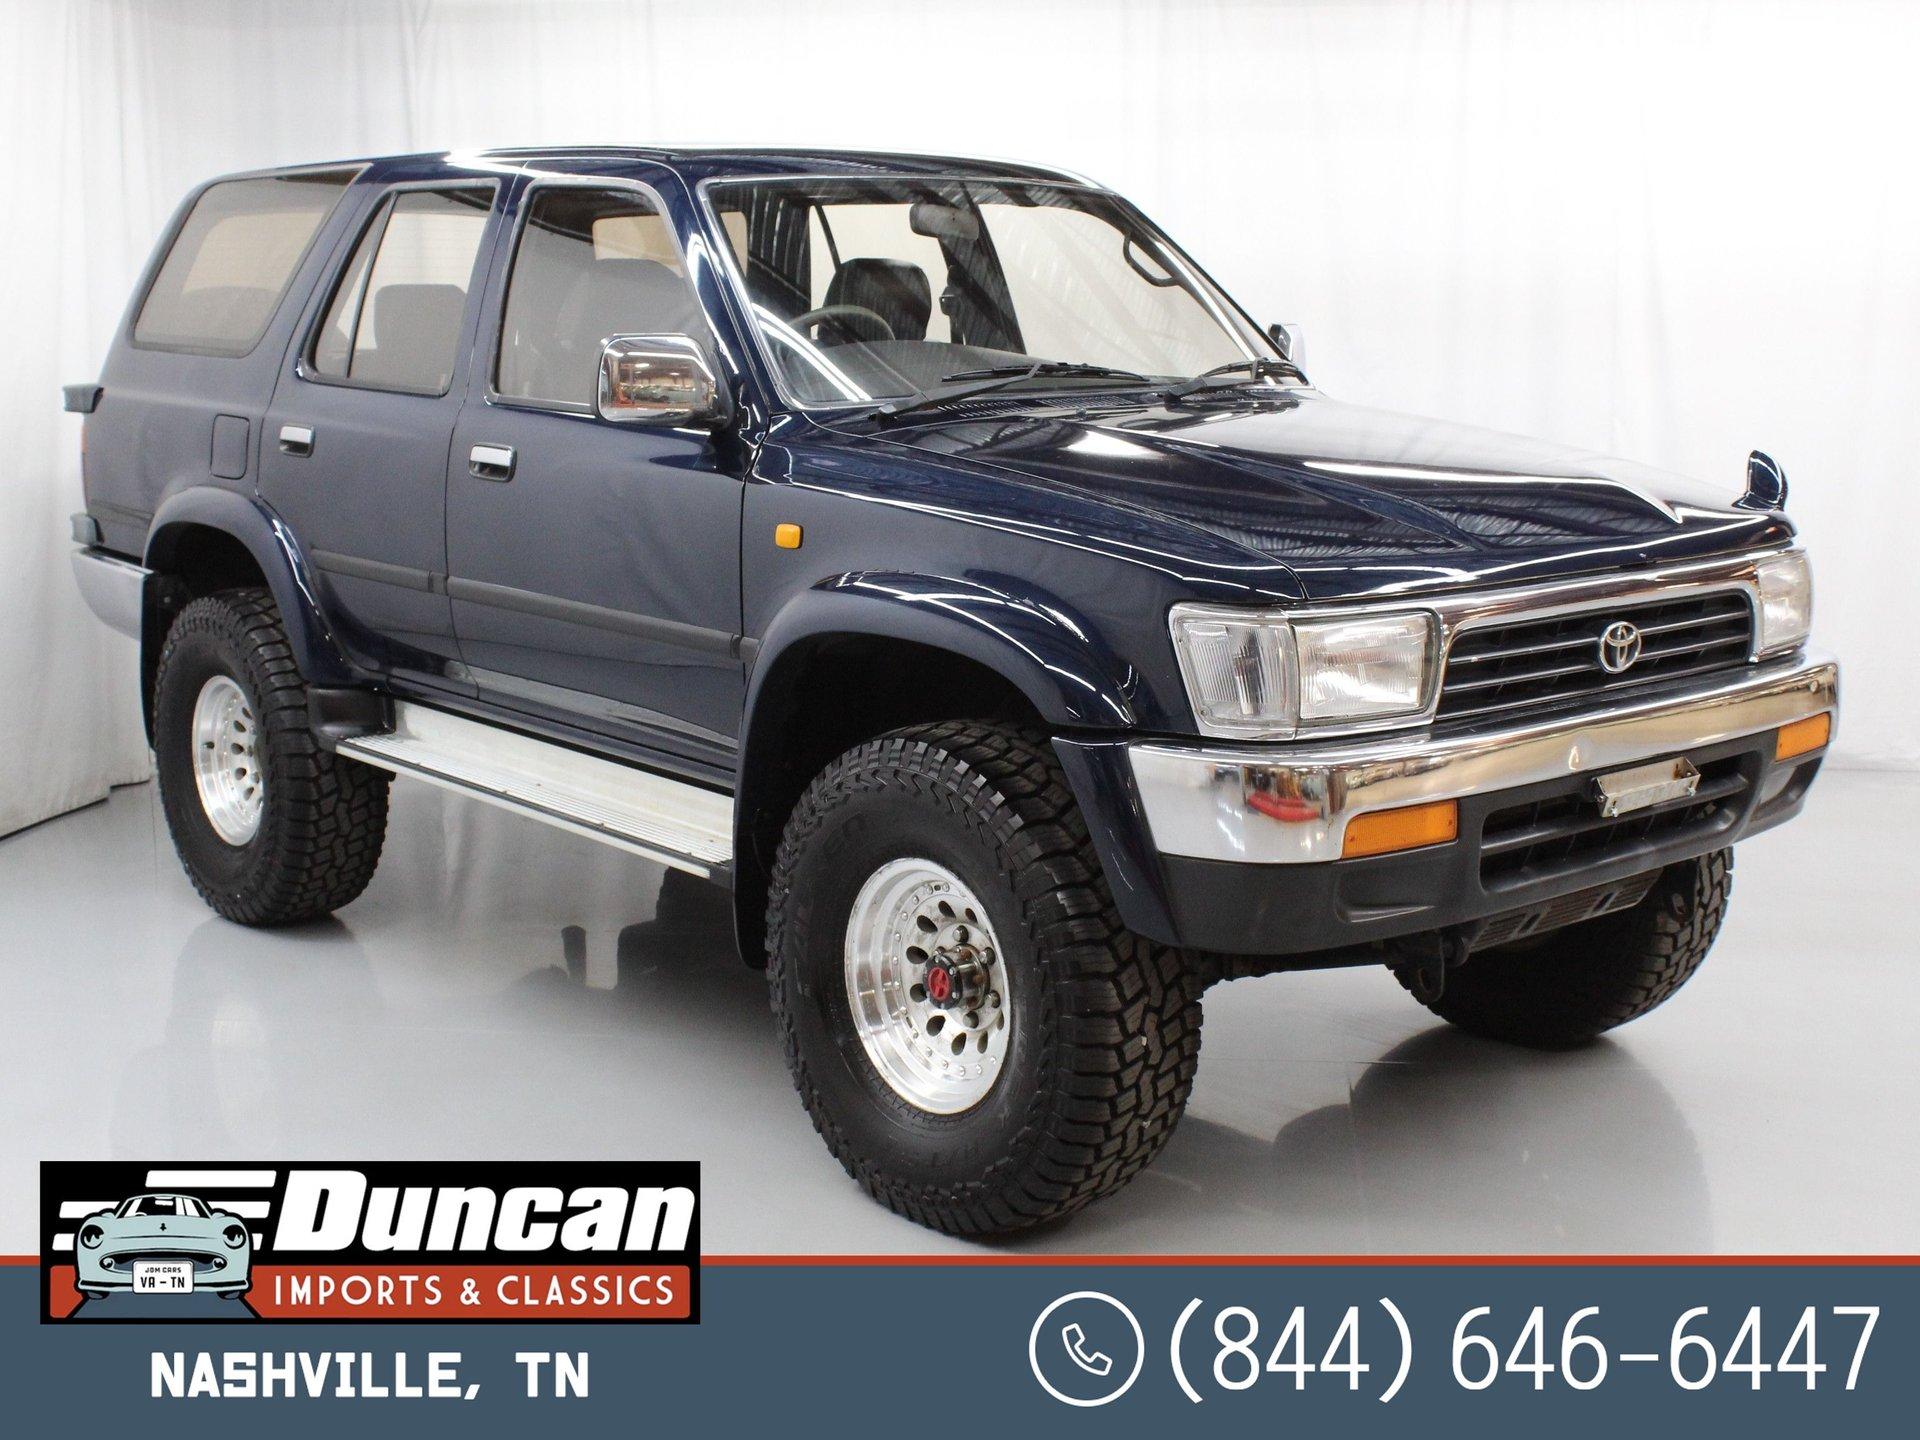 1995 Toyota Hilux Duncan Imports Classics